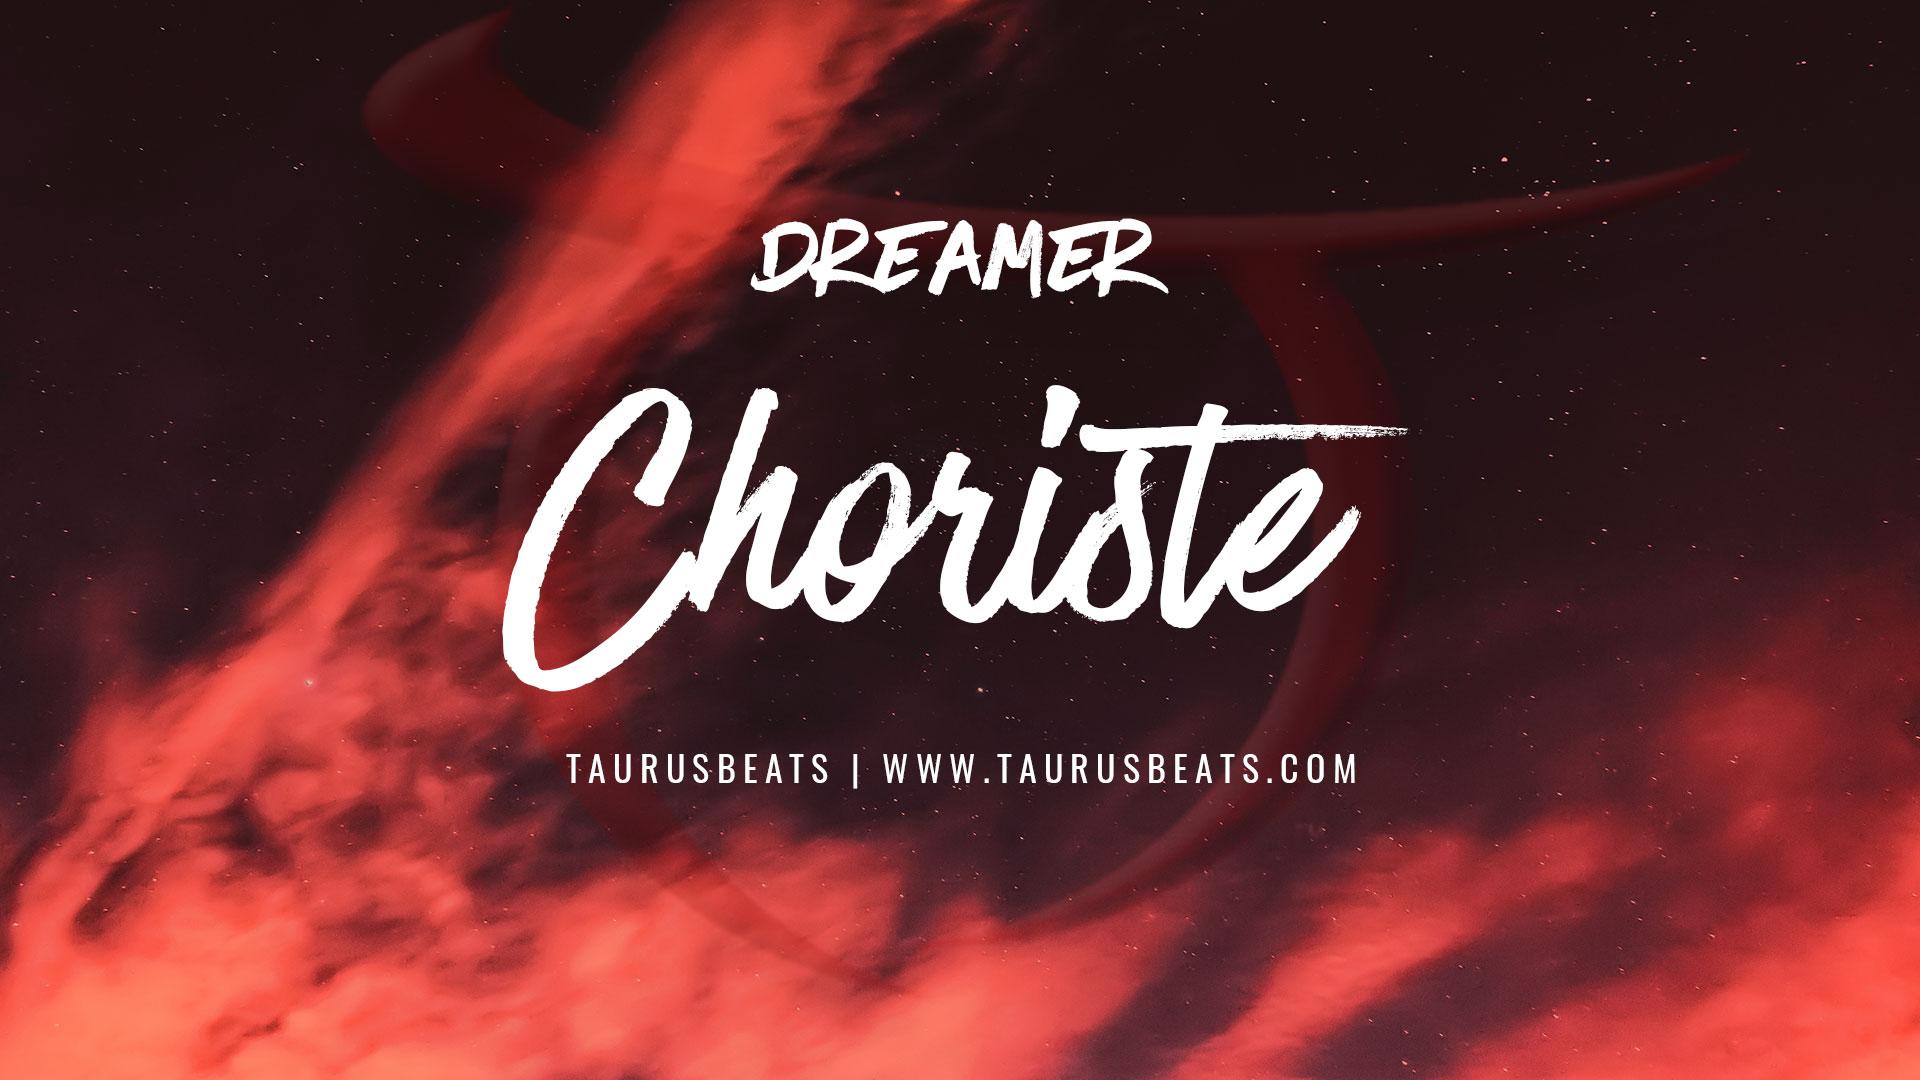 image for Choriste (v2)